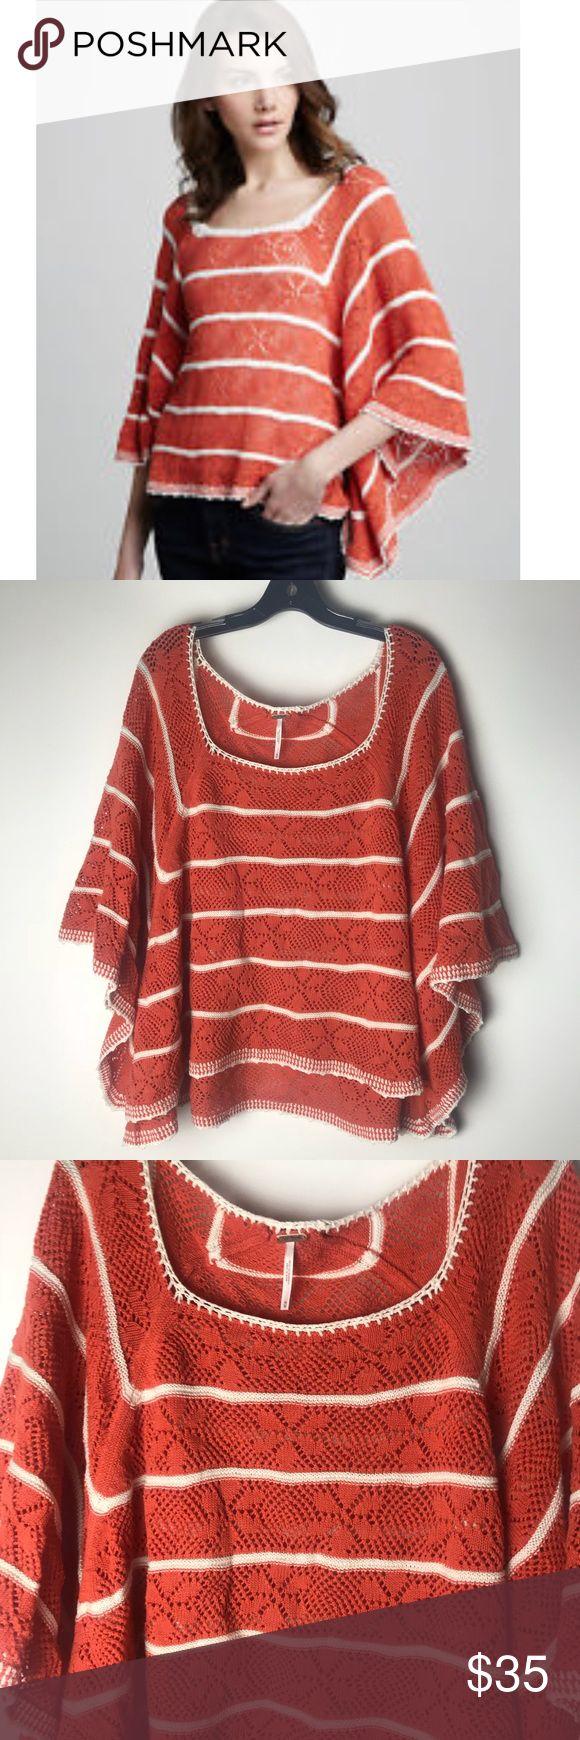 Best 25  Sweater cape ideas on Pinterest   Classy winter fashion ...